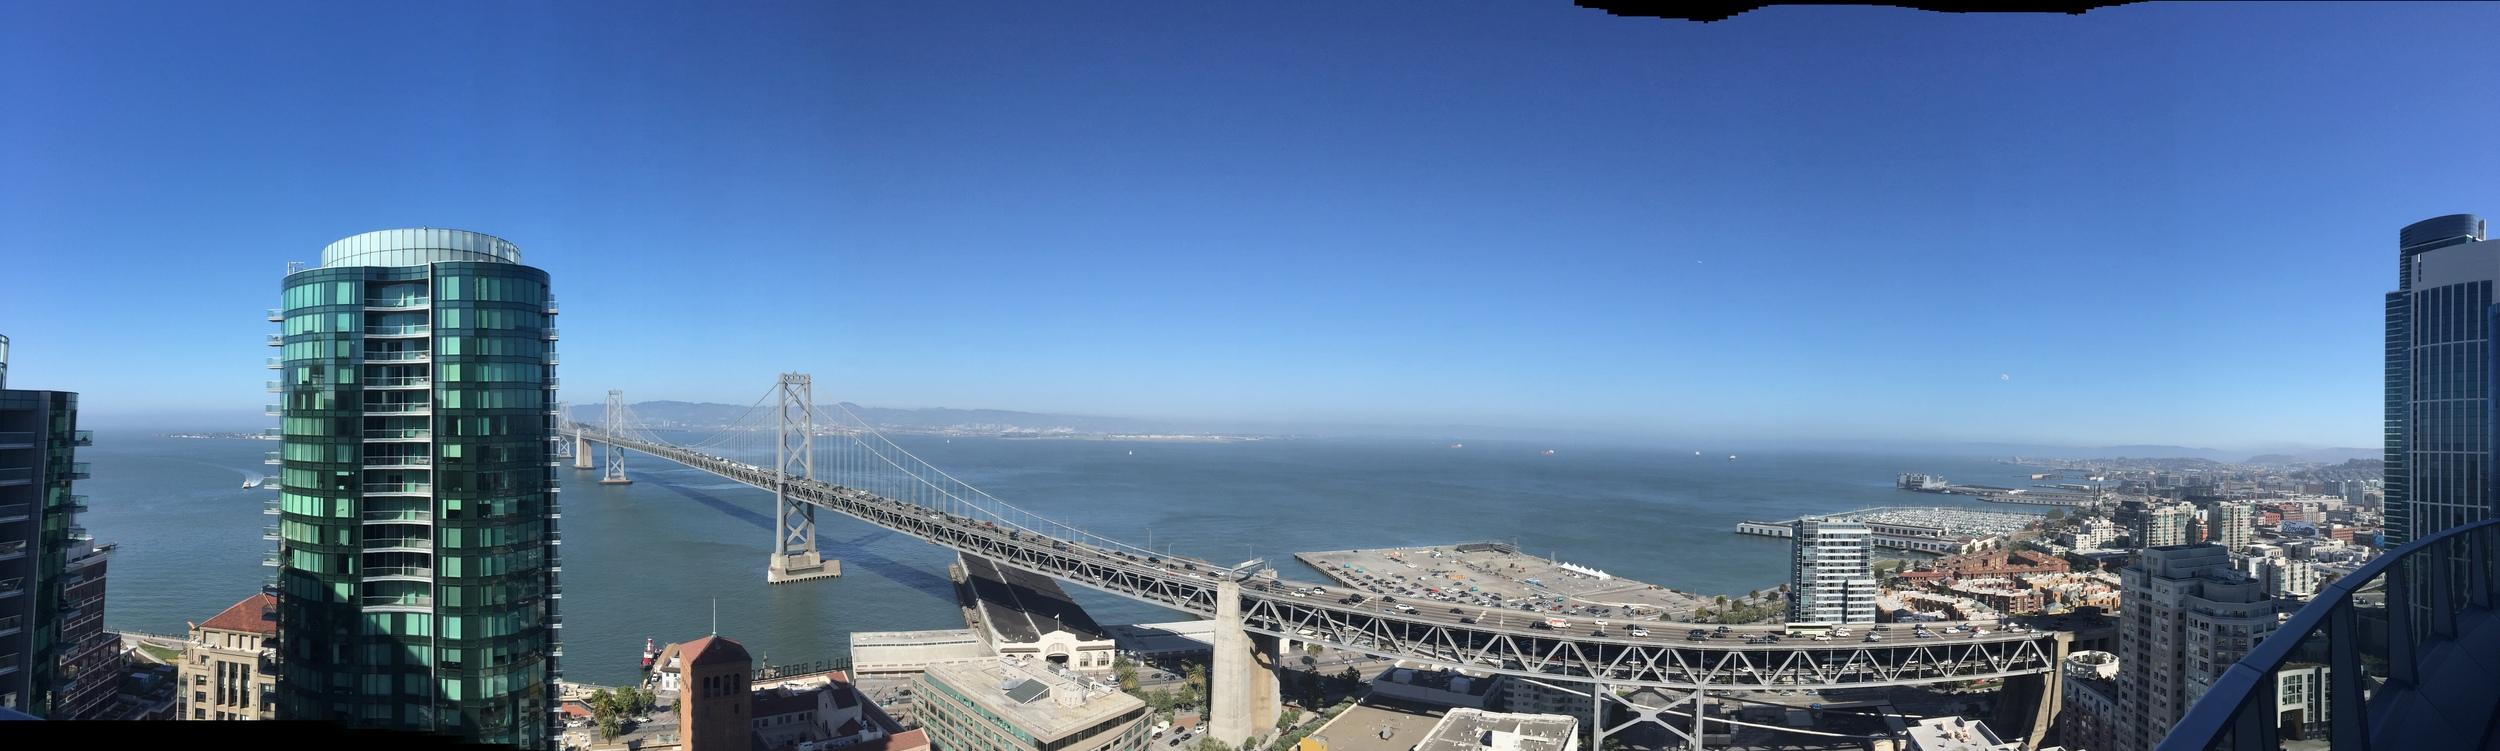 The Lumina San Francisco